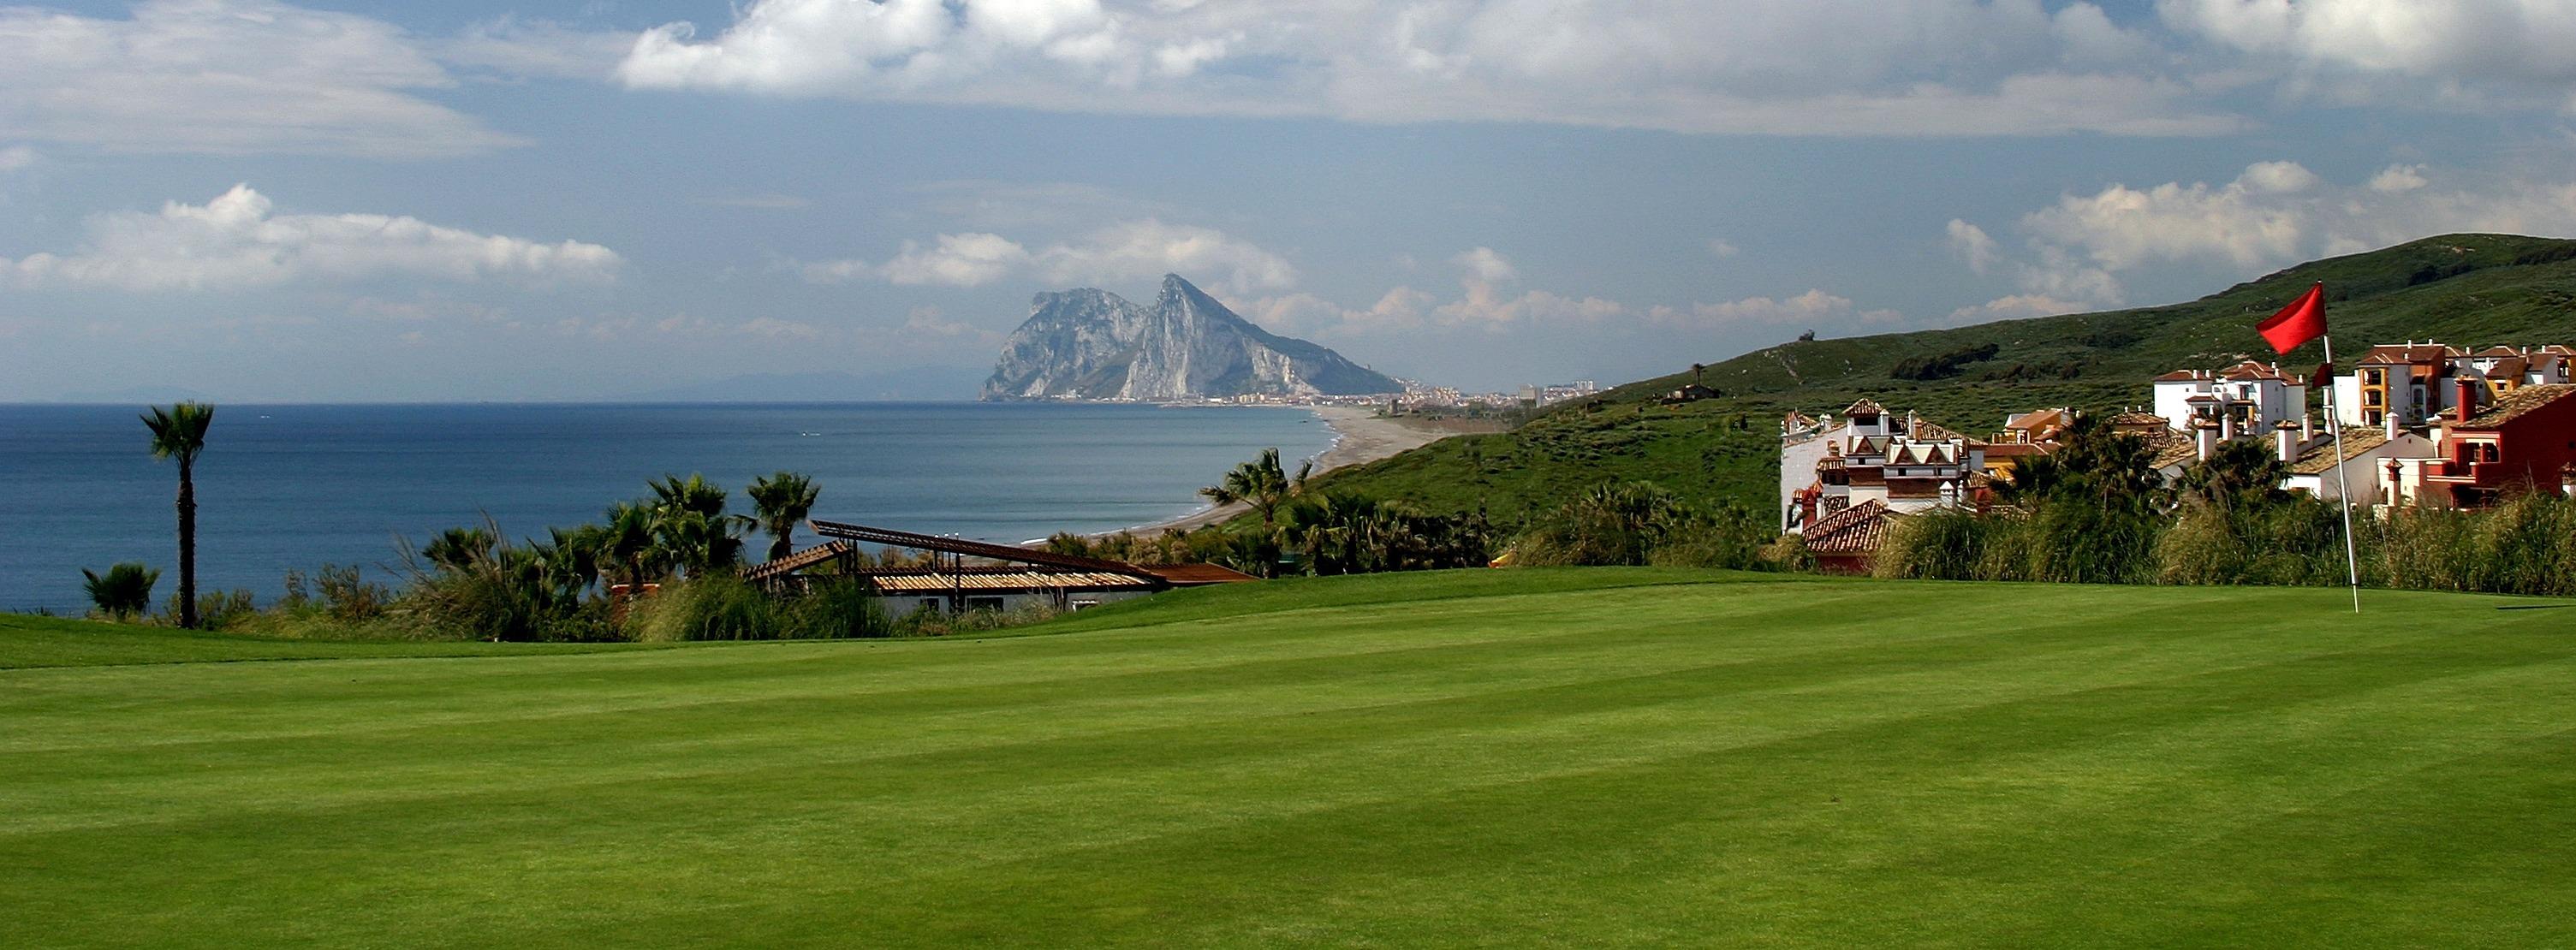 Espagne-Gibraltar-bord de mer-golf-immobilier-investir-fiscalité